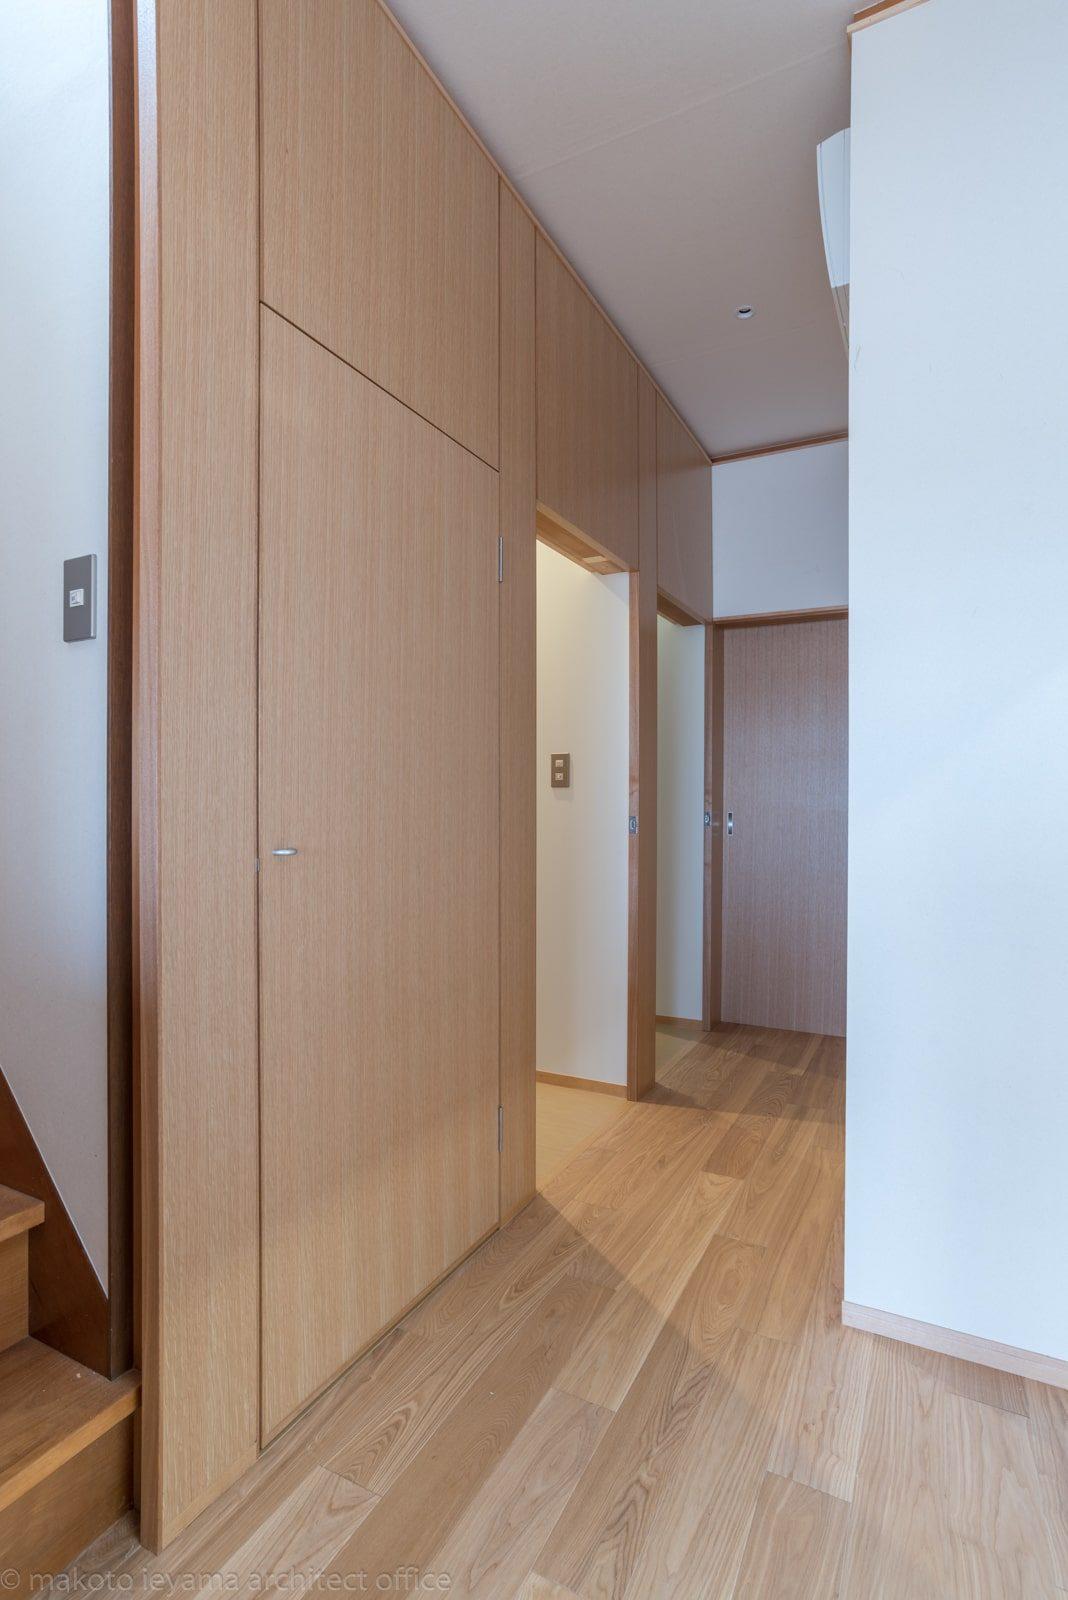 ドアパネルの奥の白い空間